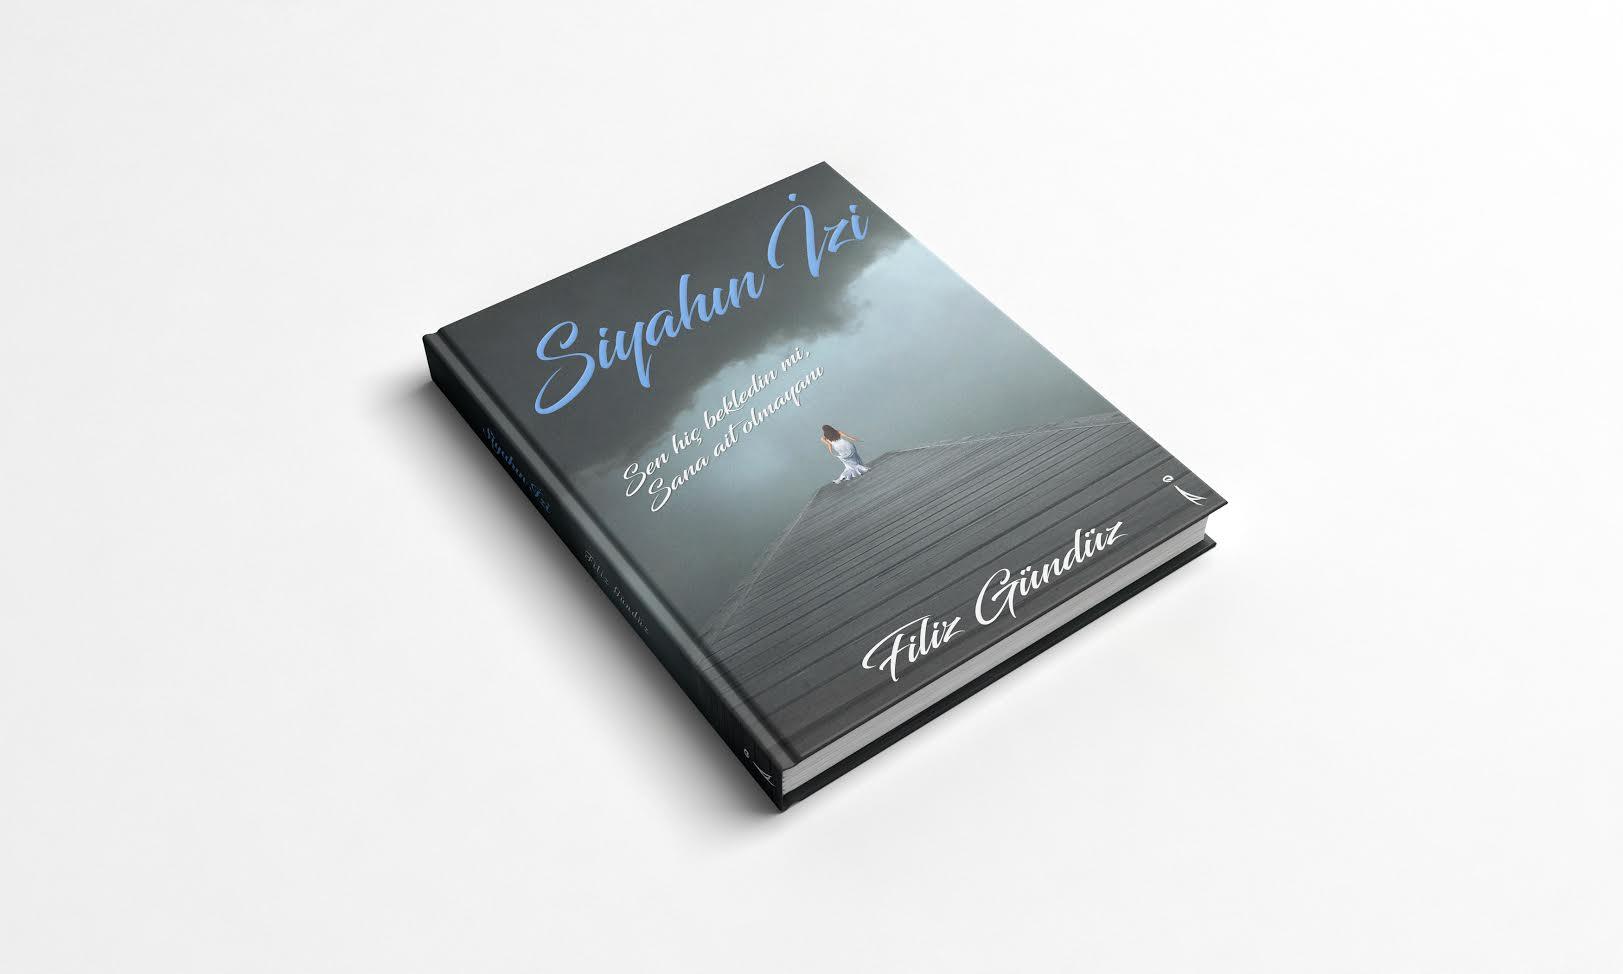 Siyahın izi şiir kitabı